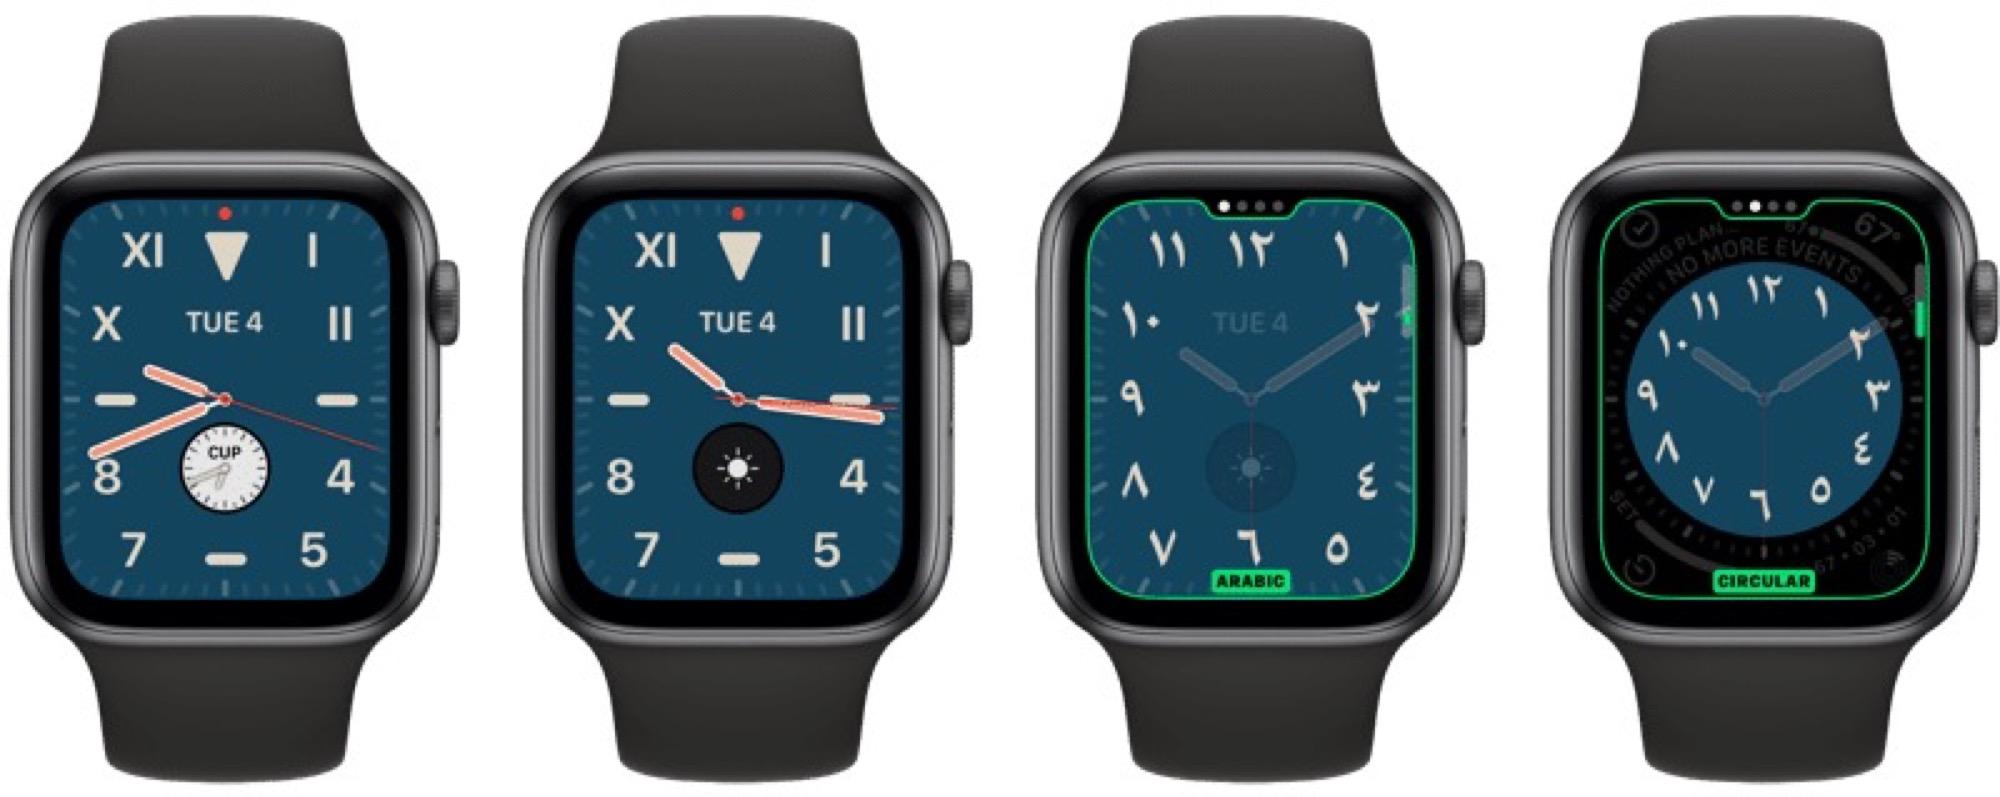 Des cadrans exclusifs aux Apple Watch récentes dans watchOS 6 10